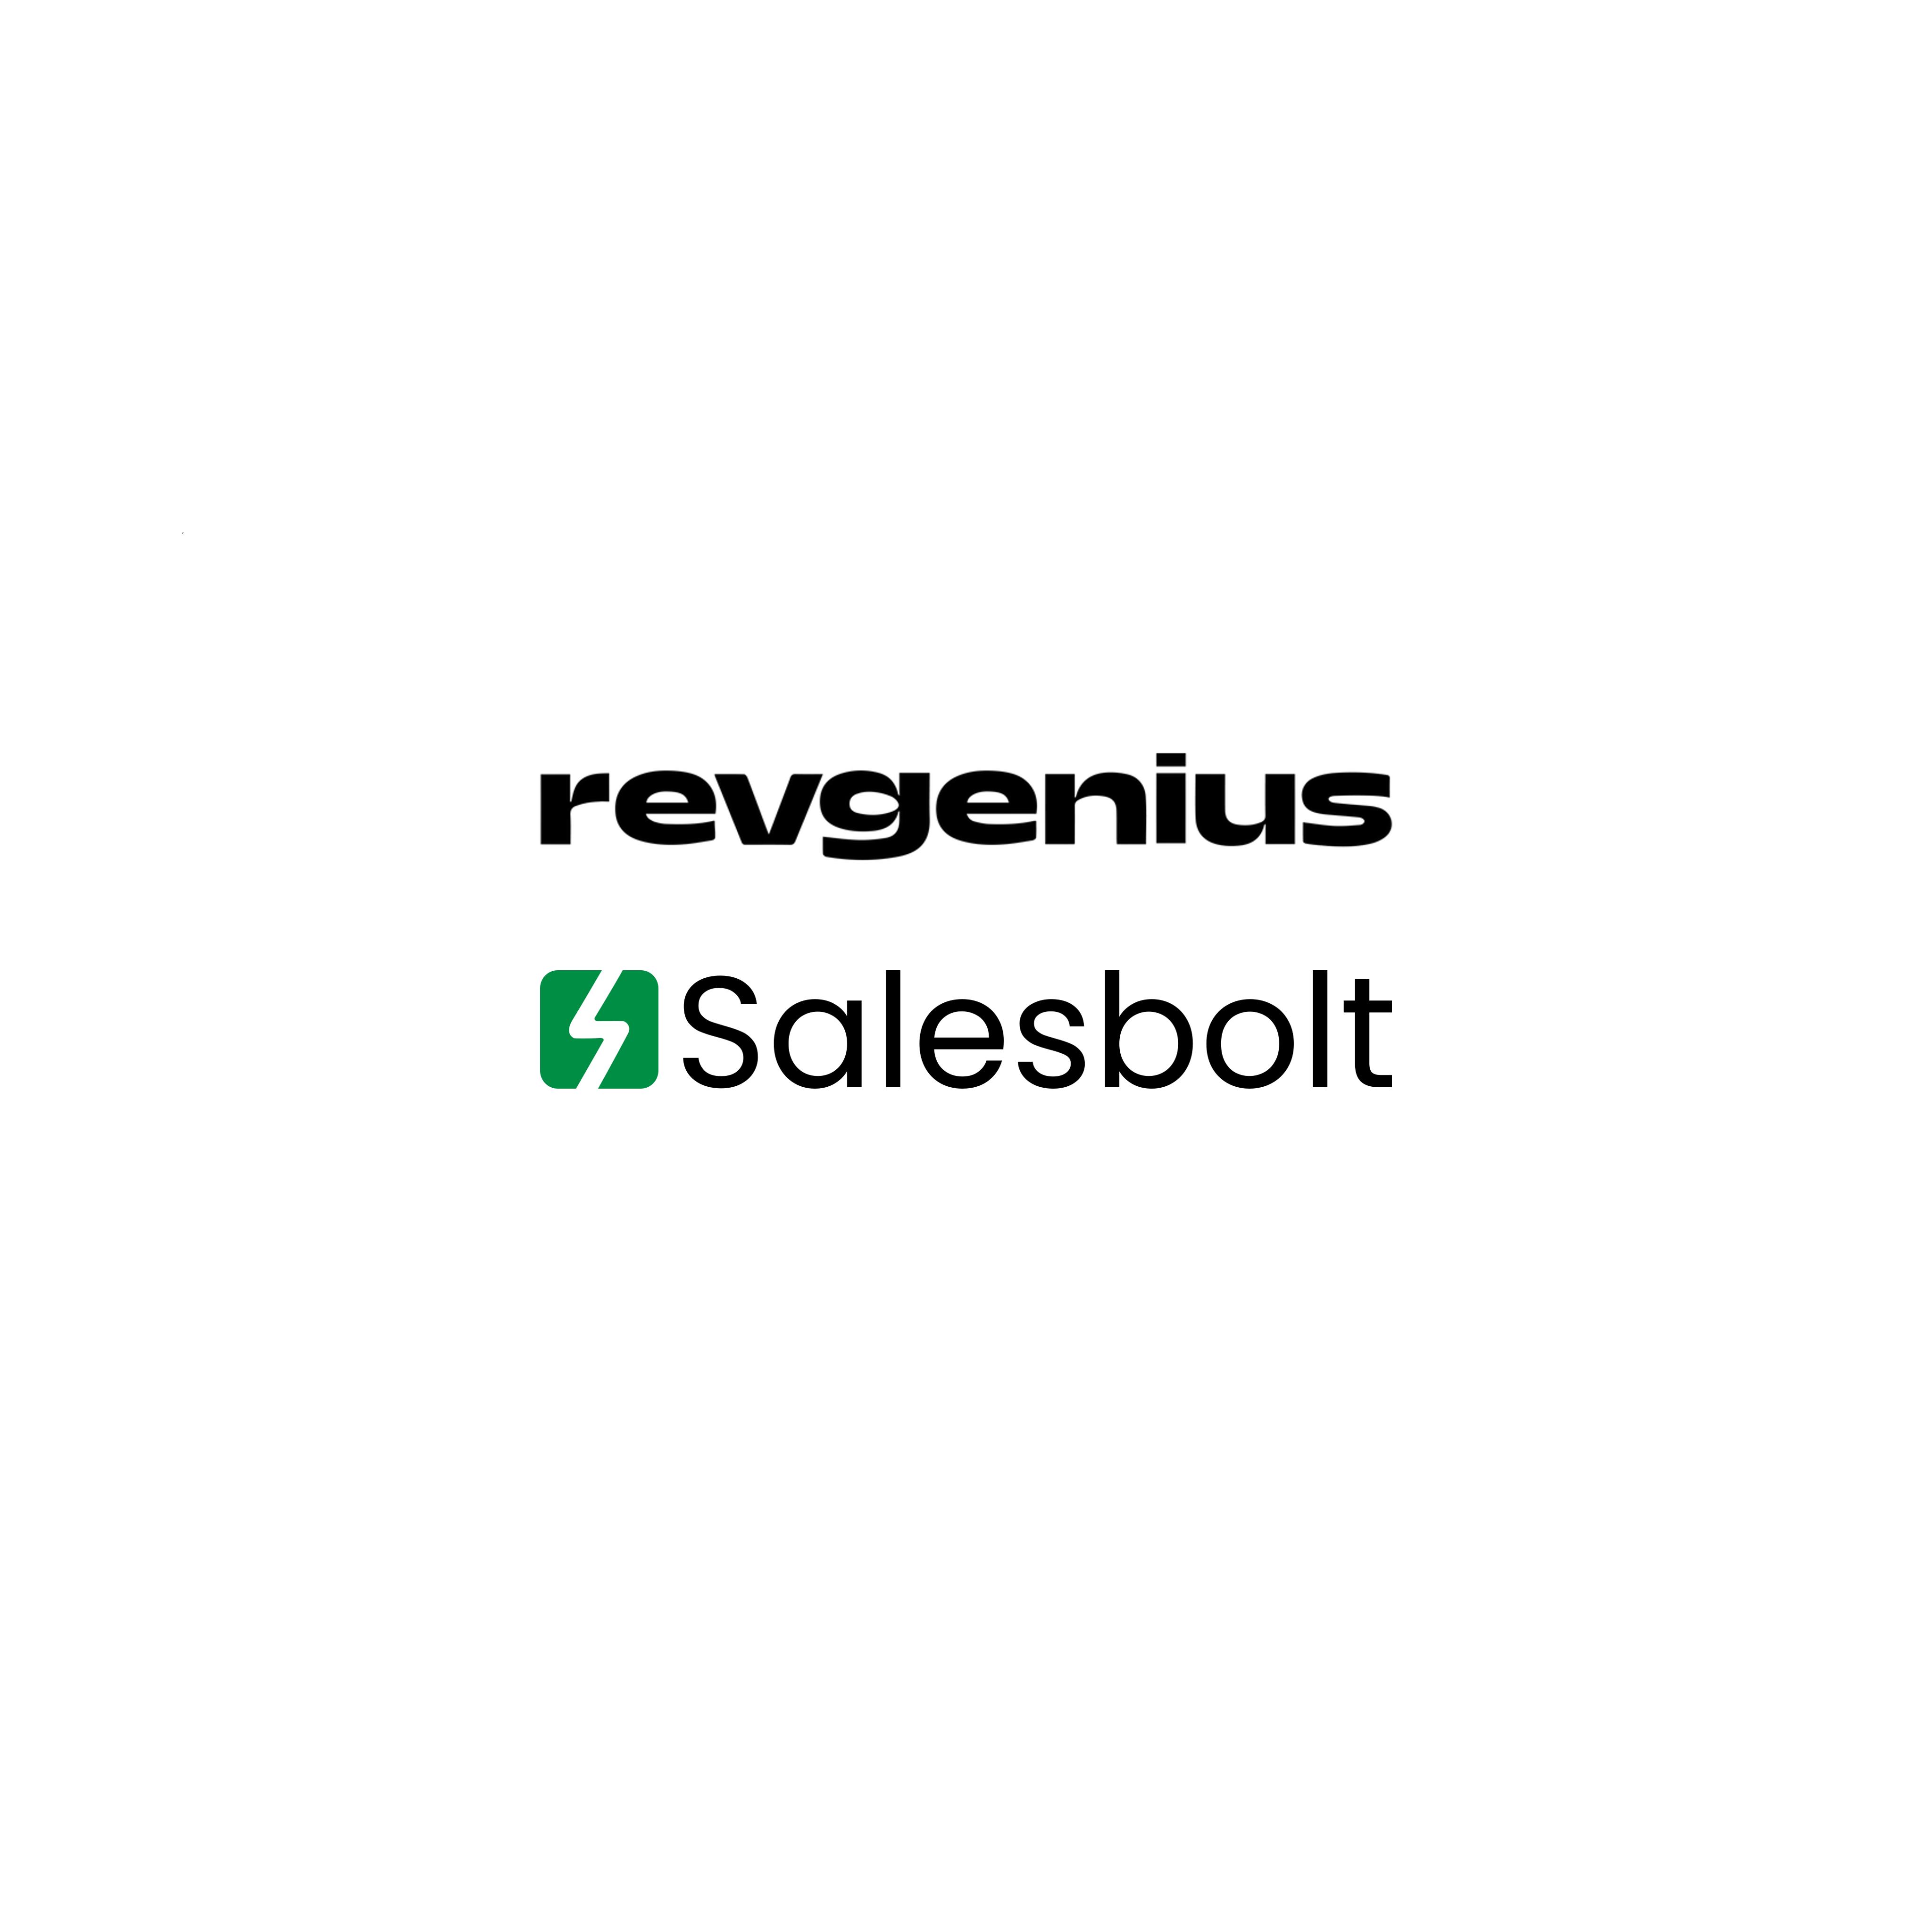 RevGenius & Salesbolt